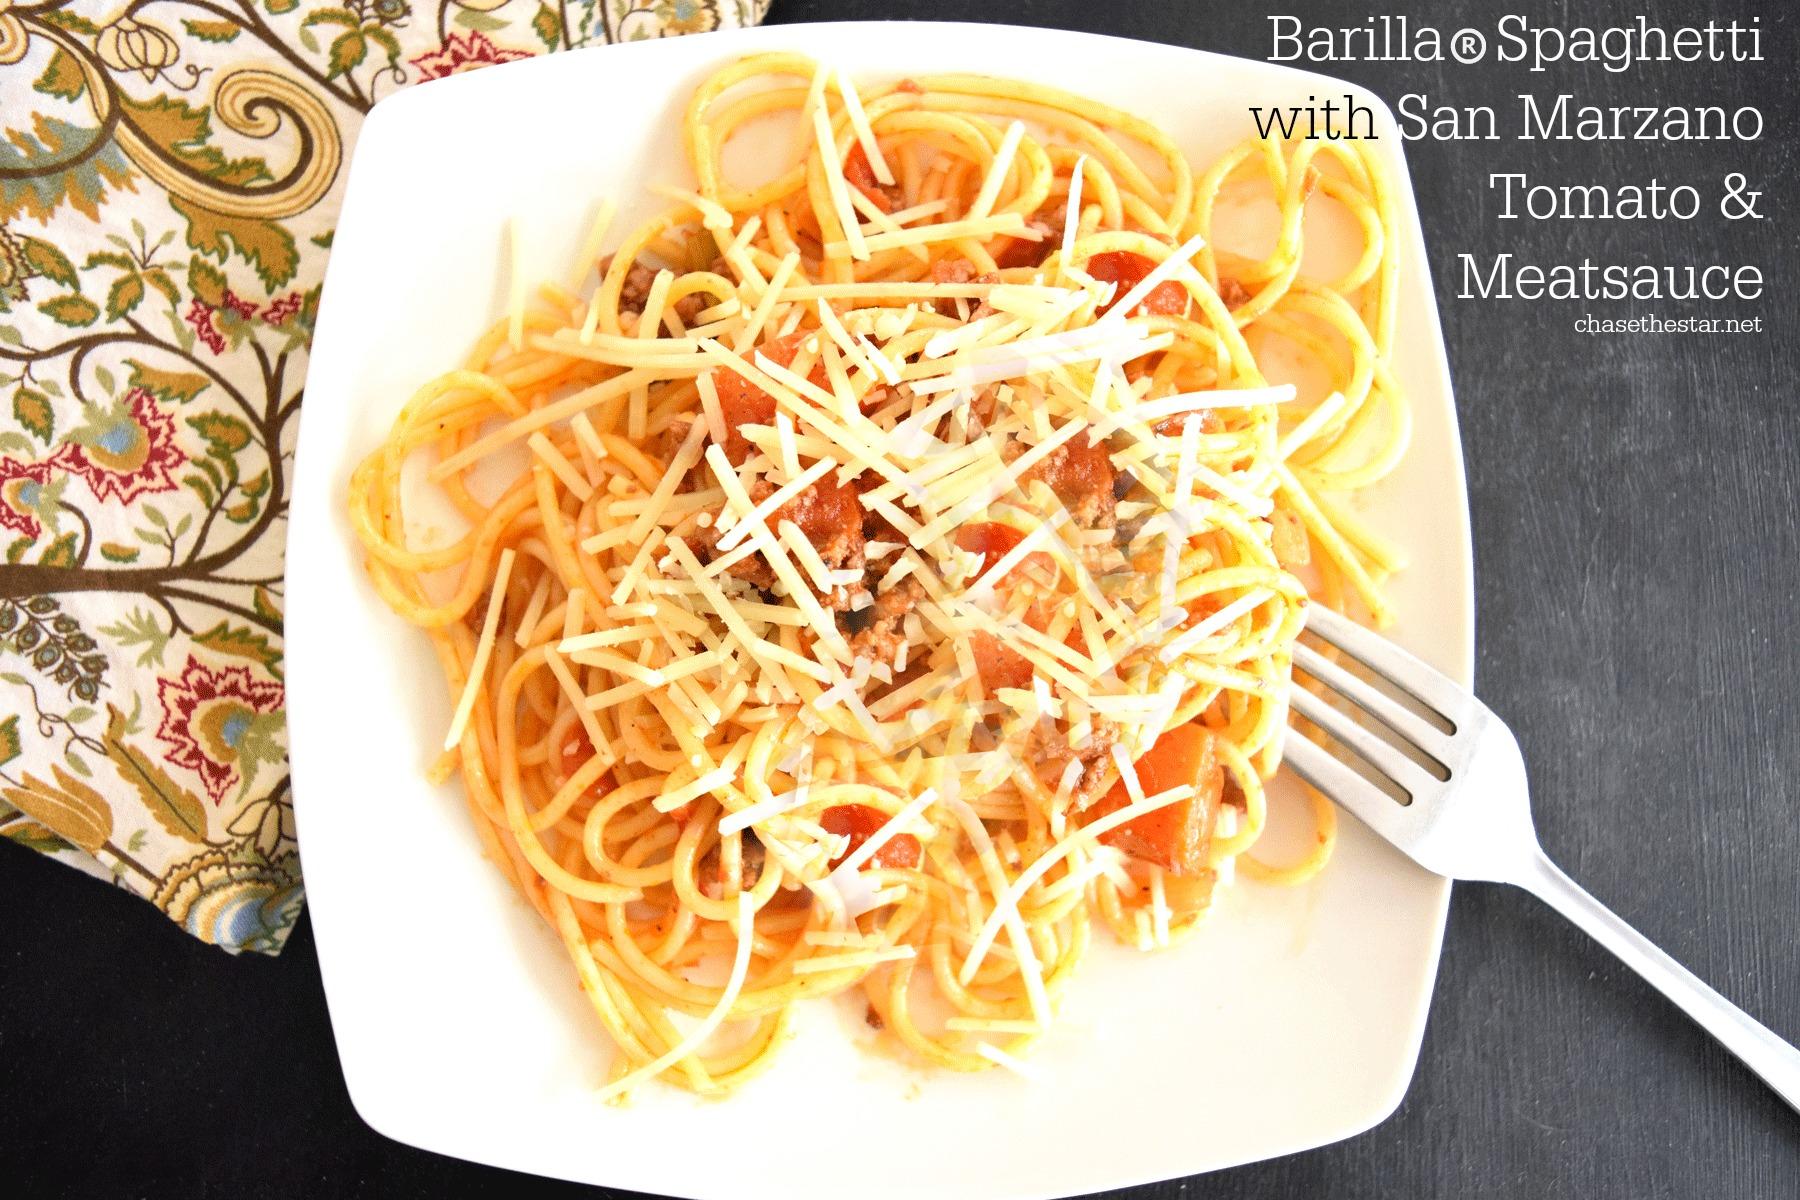 Barilla® Spaghetti with San Marzano Tomato & Meat Sauce #ad